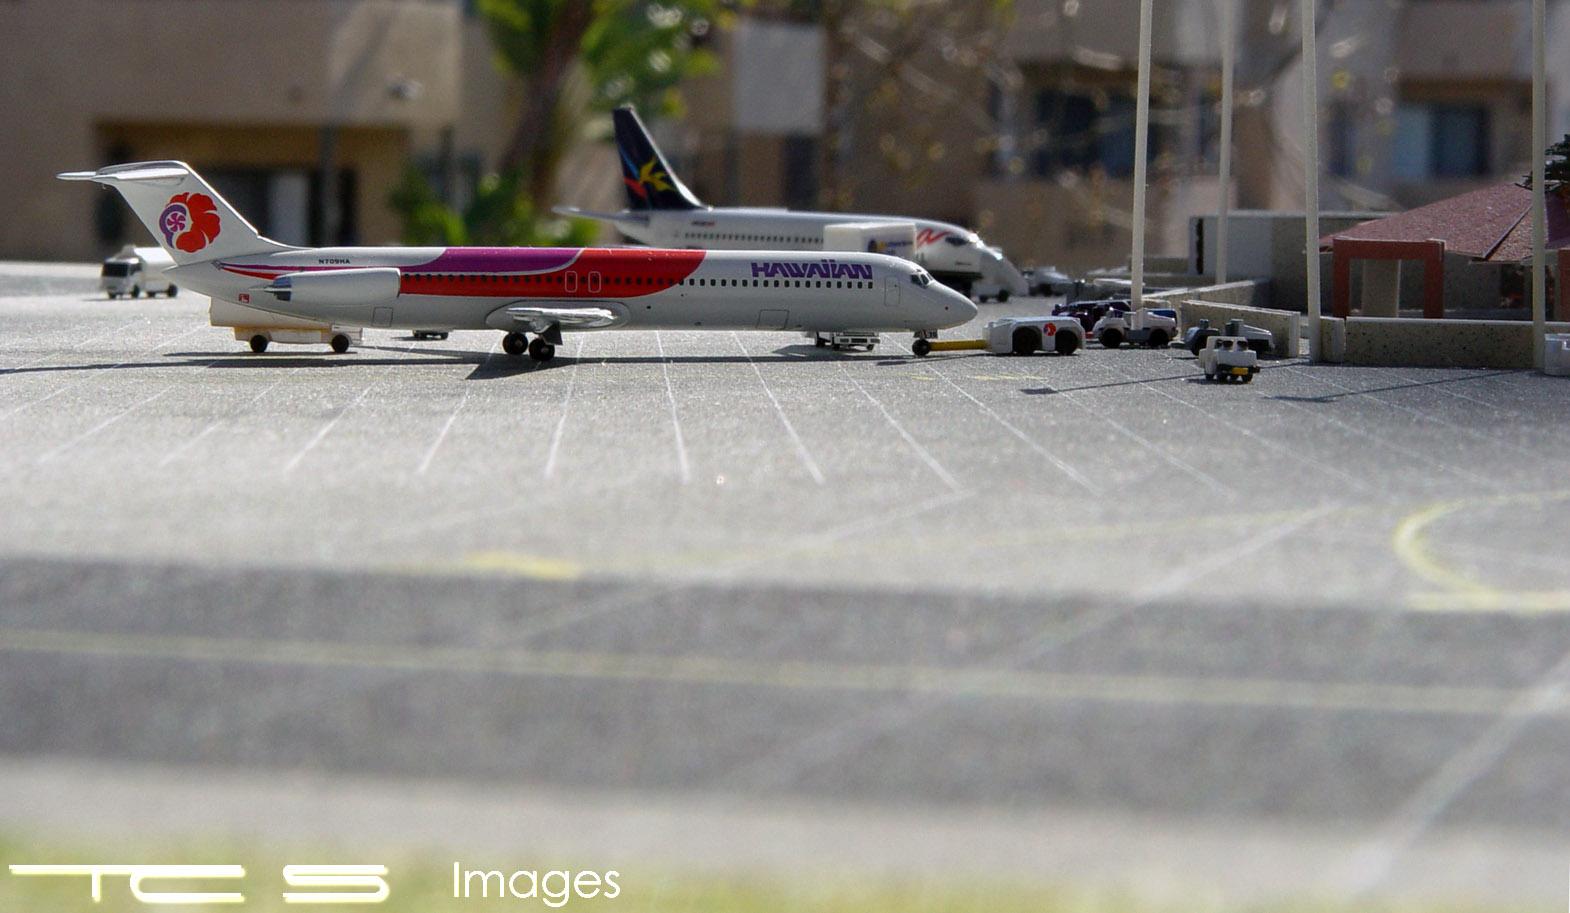 Hawaiian DC-9-51